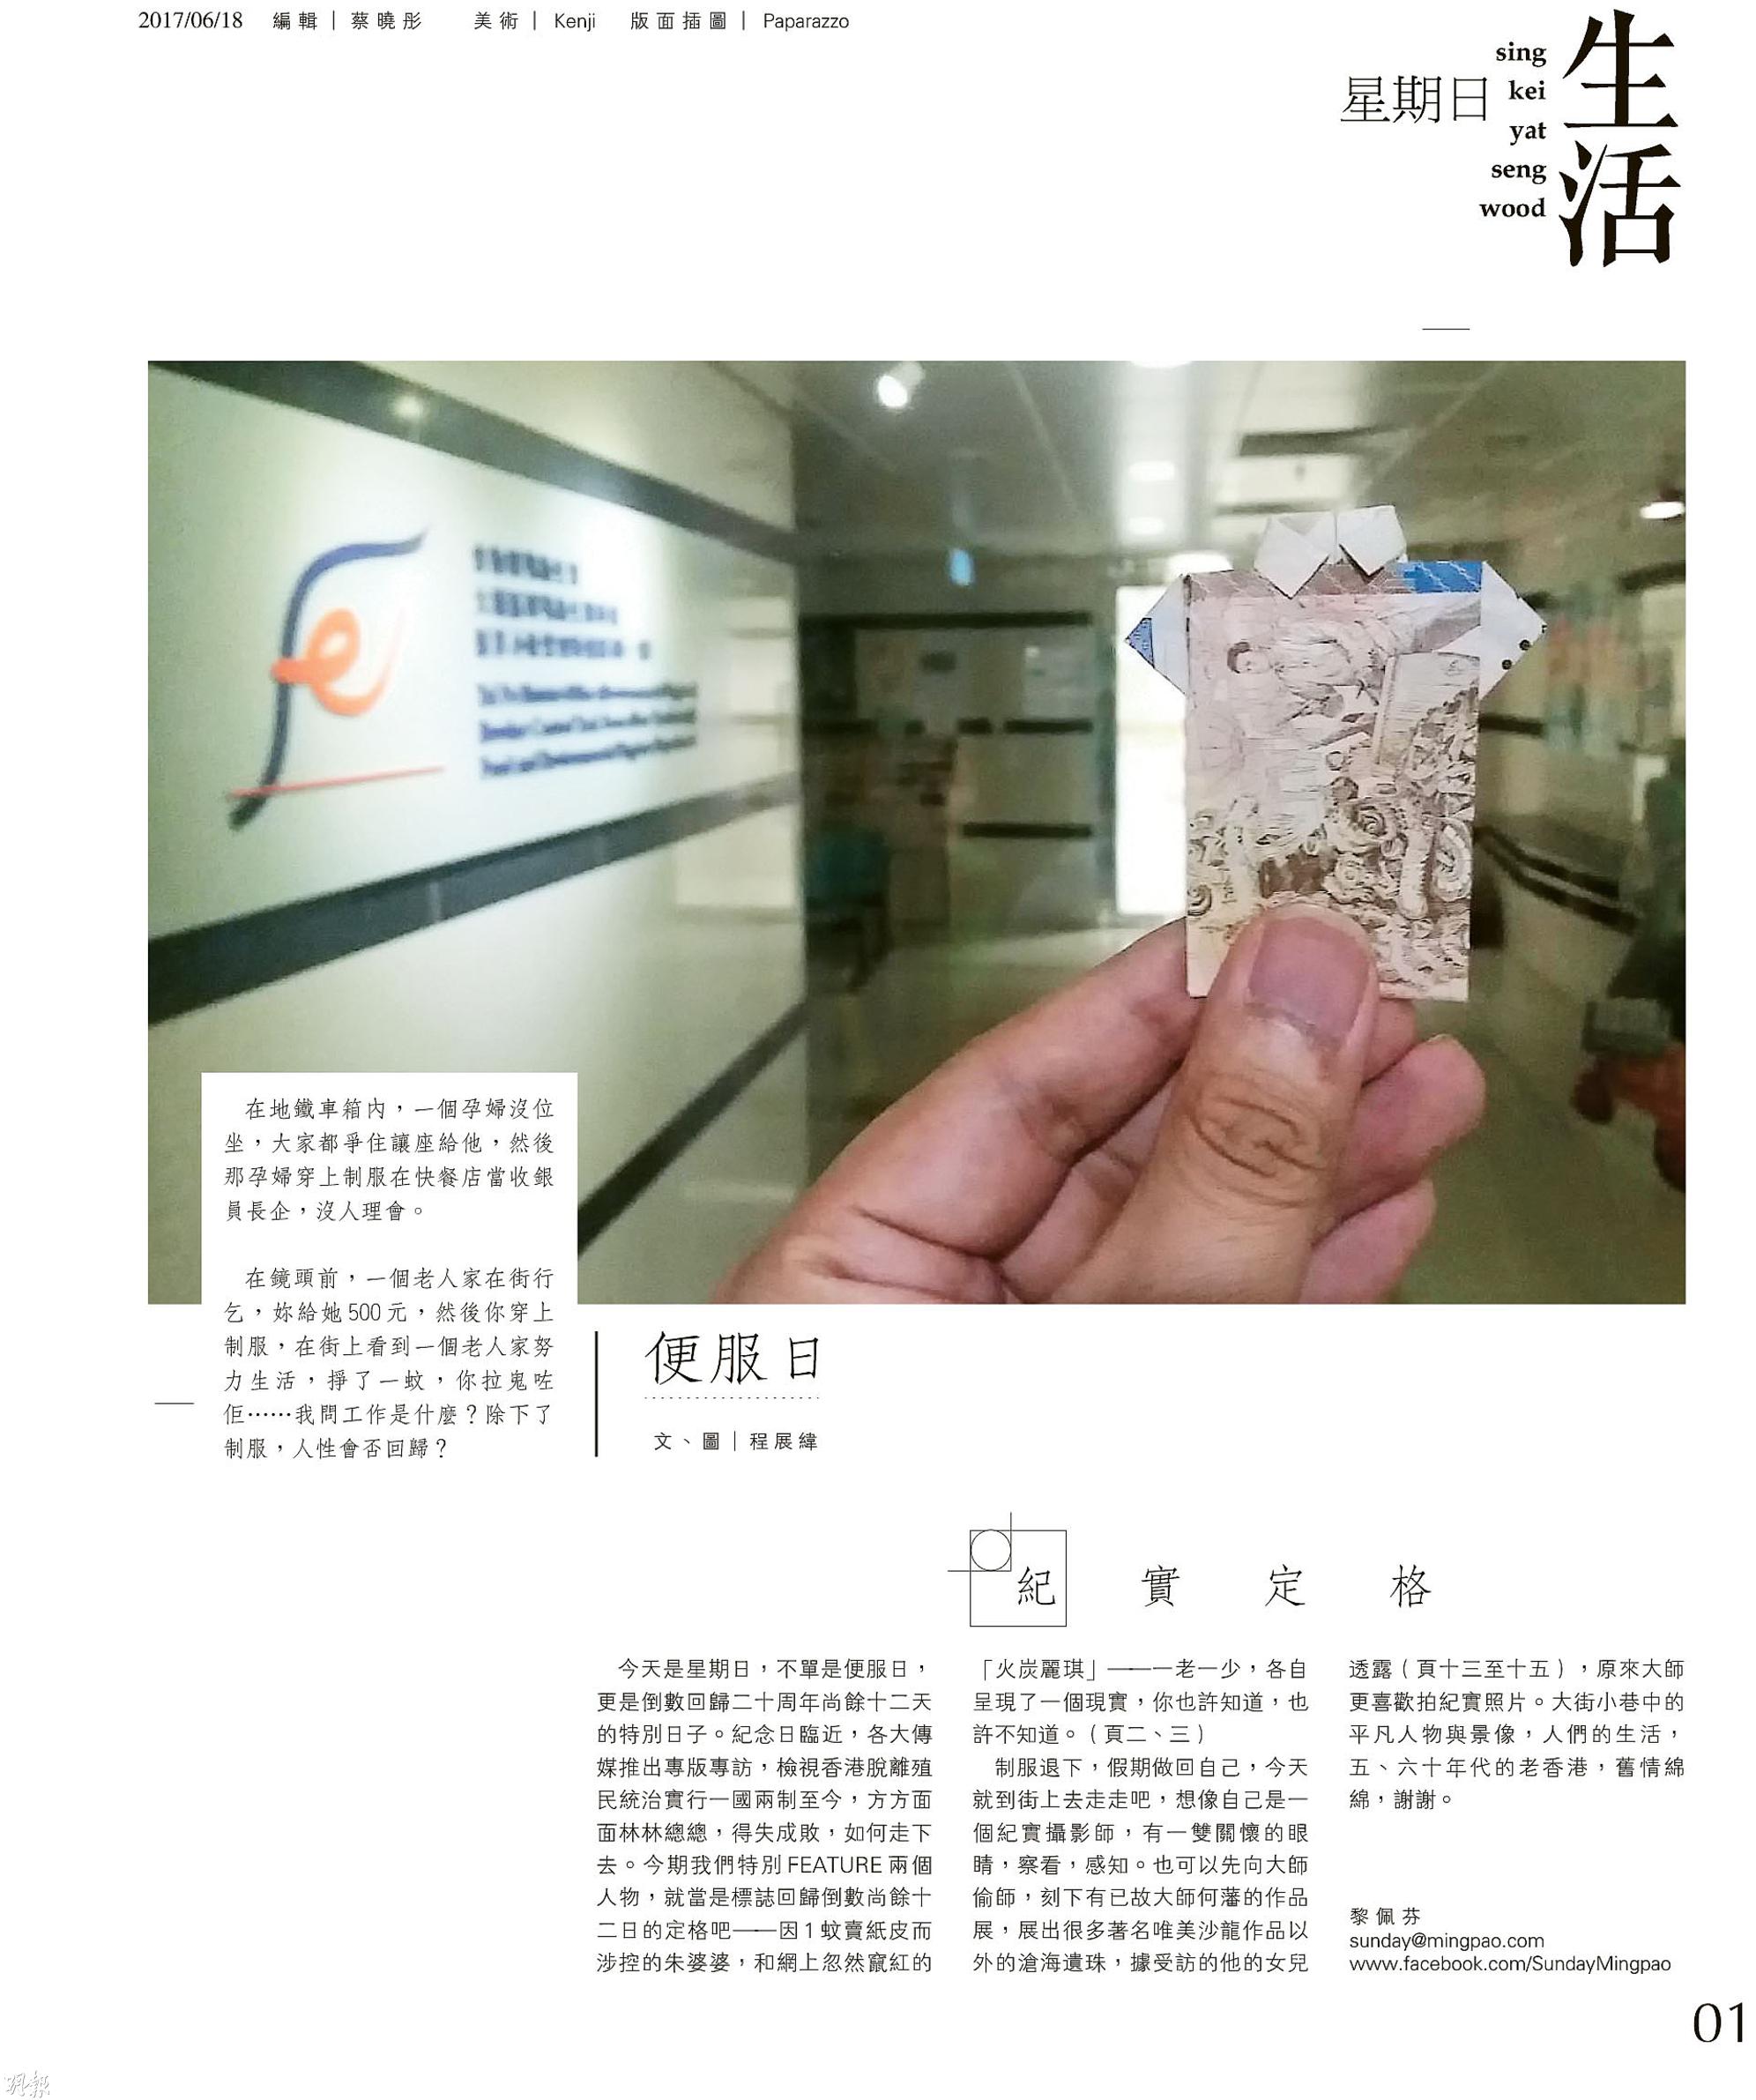 Ming Pao P01 20170618.jpg